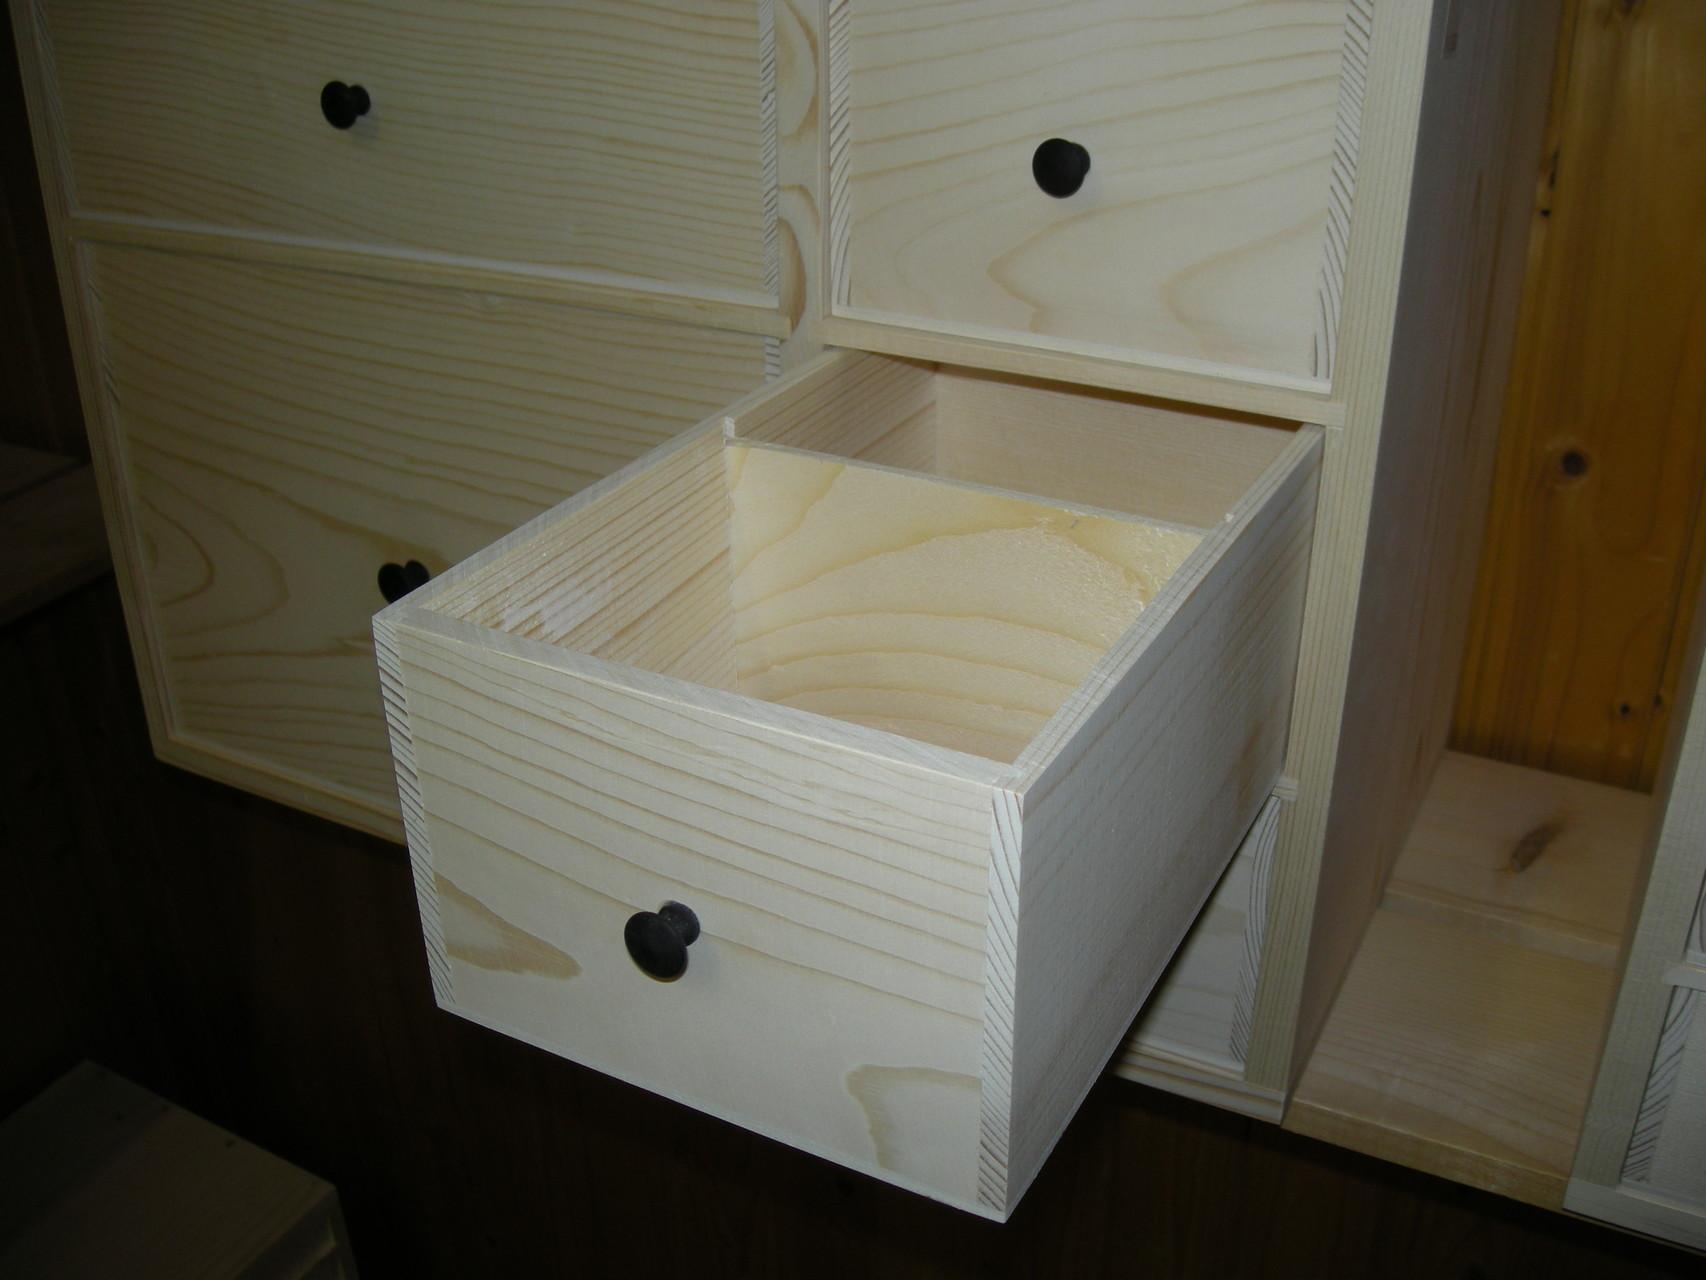 Très bien ajustés, les tiroirs coulissent parfaitement grâce à une astuce de conception.